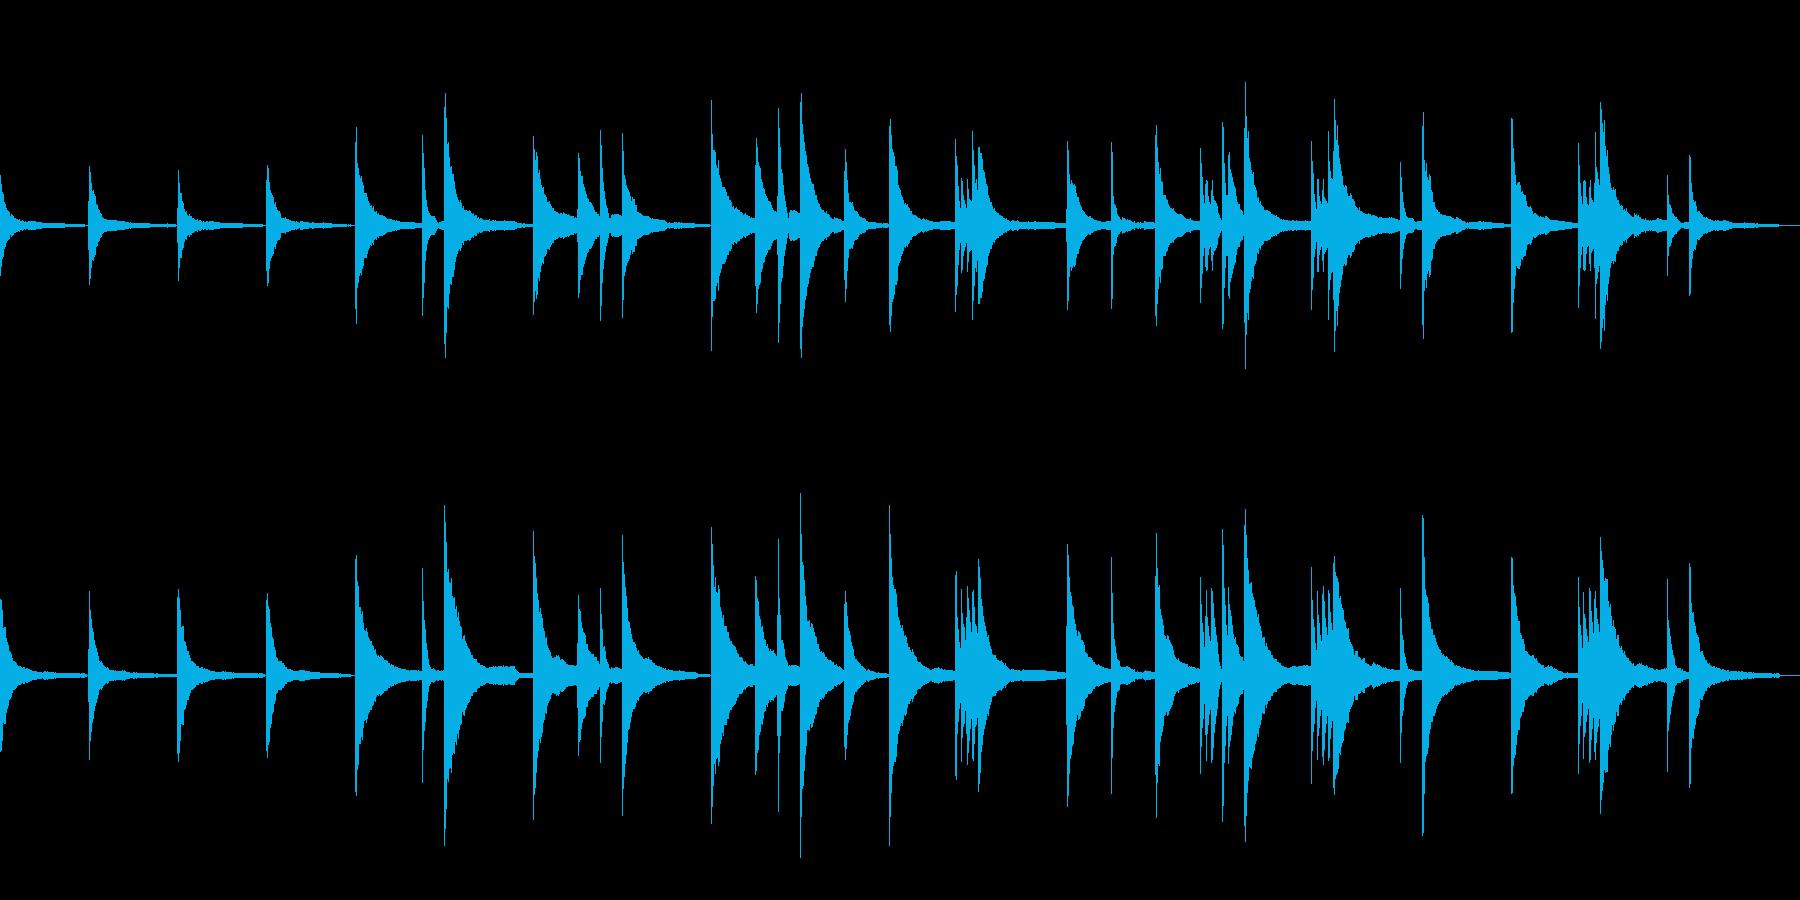 ピアノだけのシンプルな曲の再生済みの波形